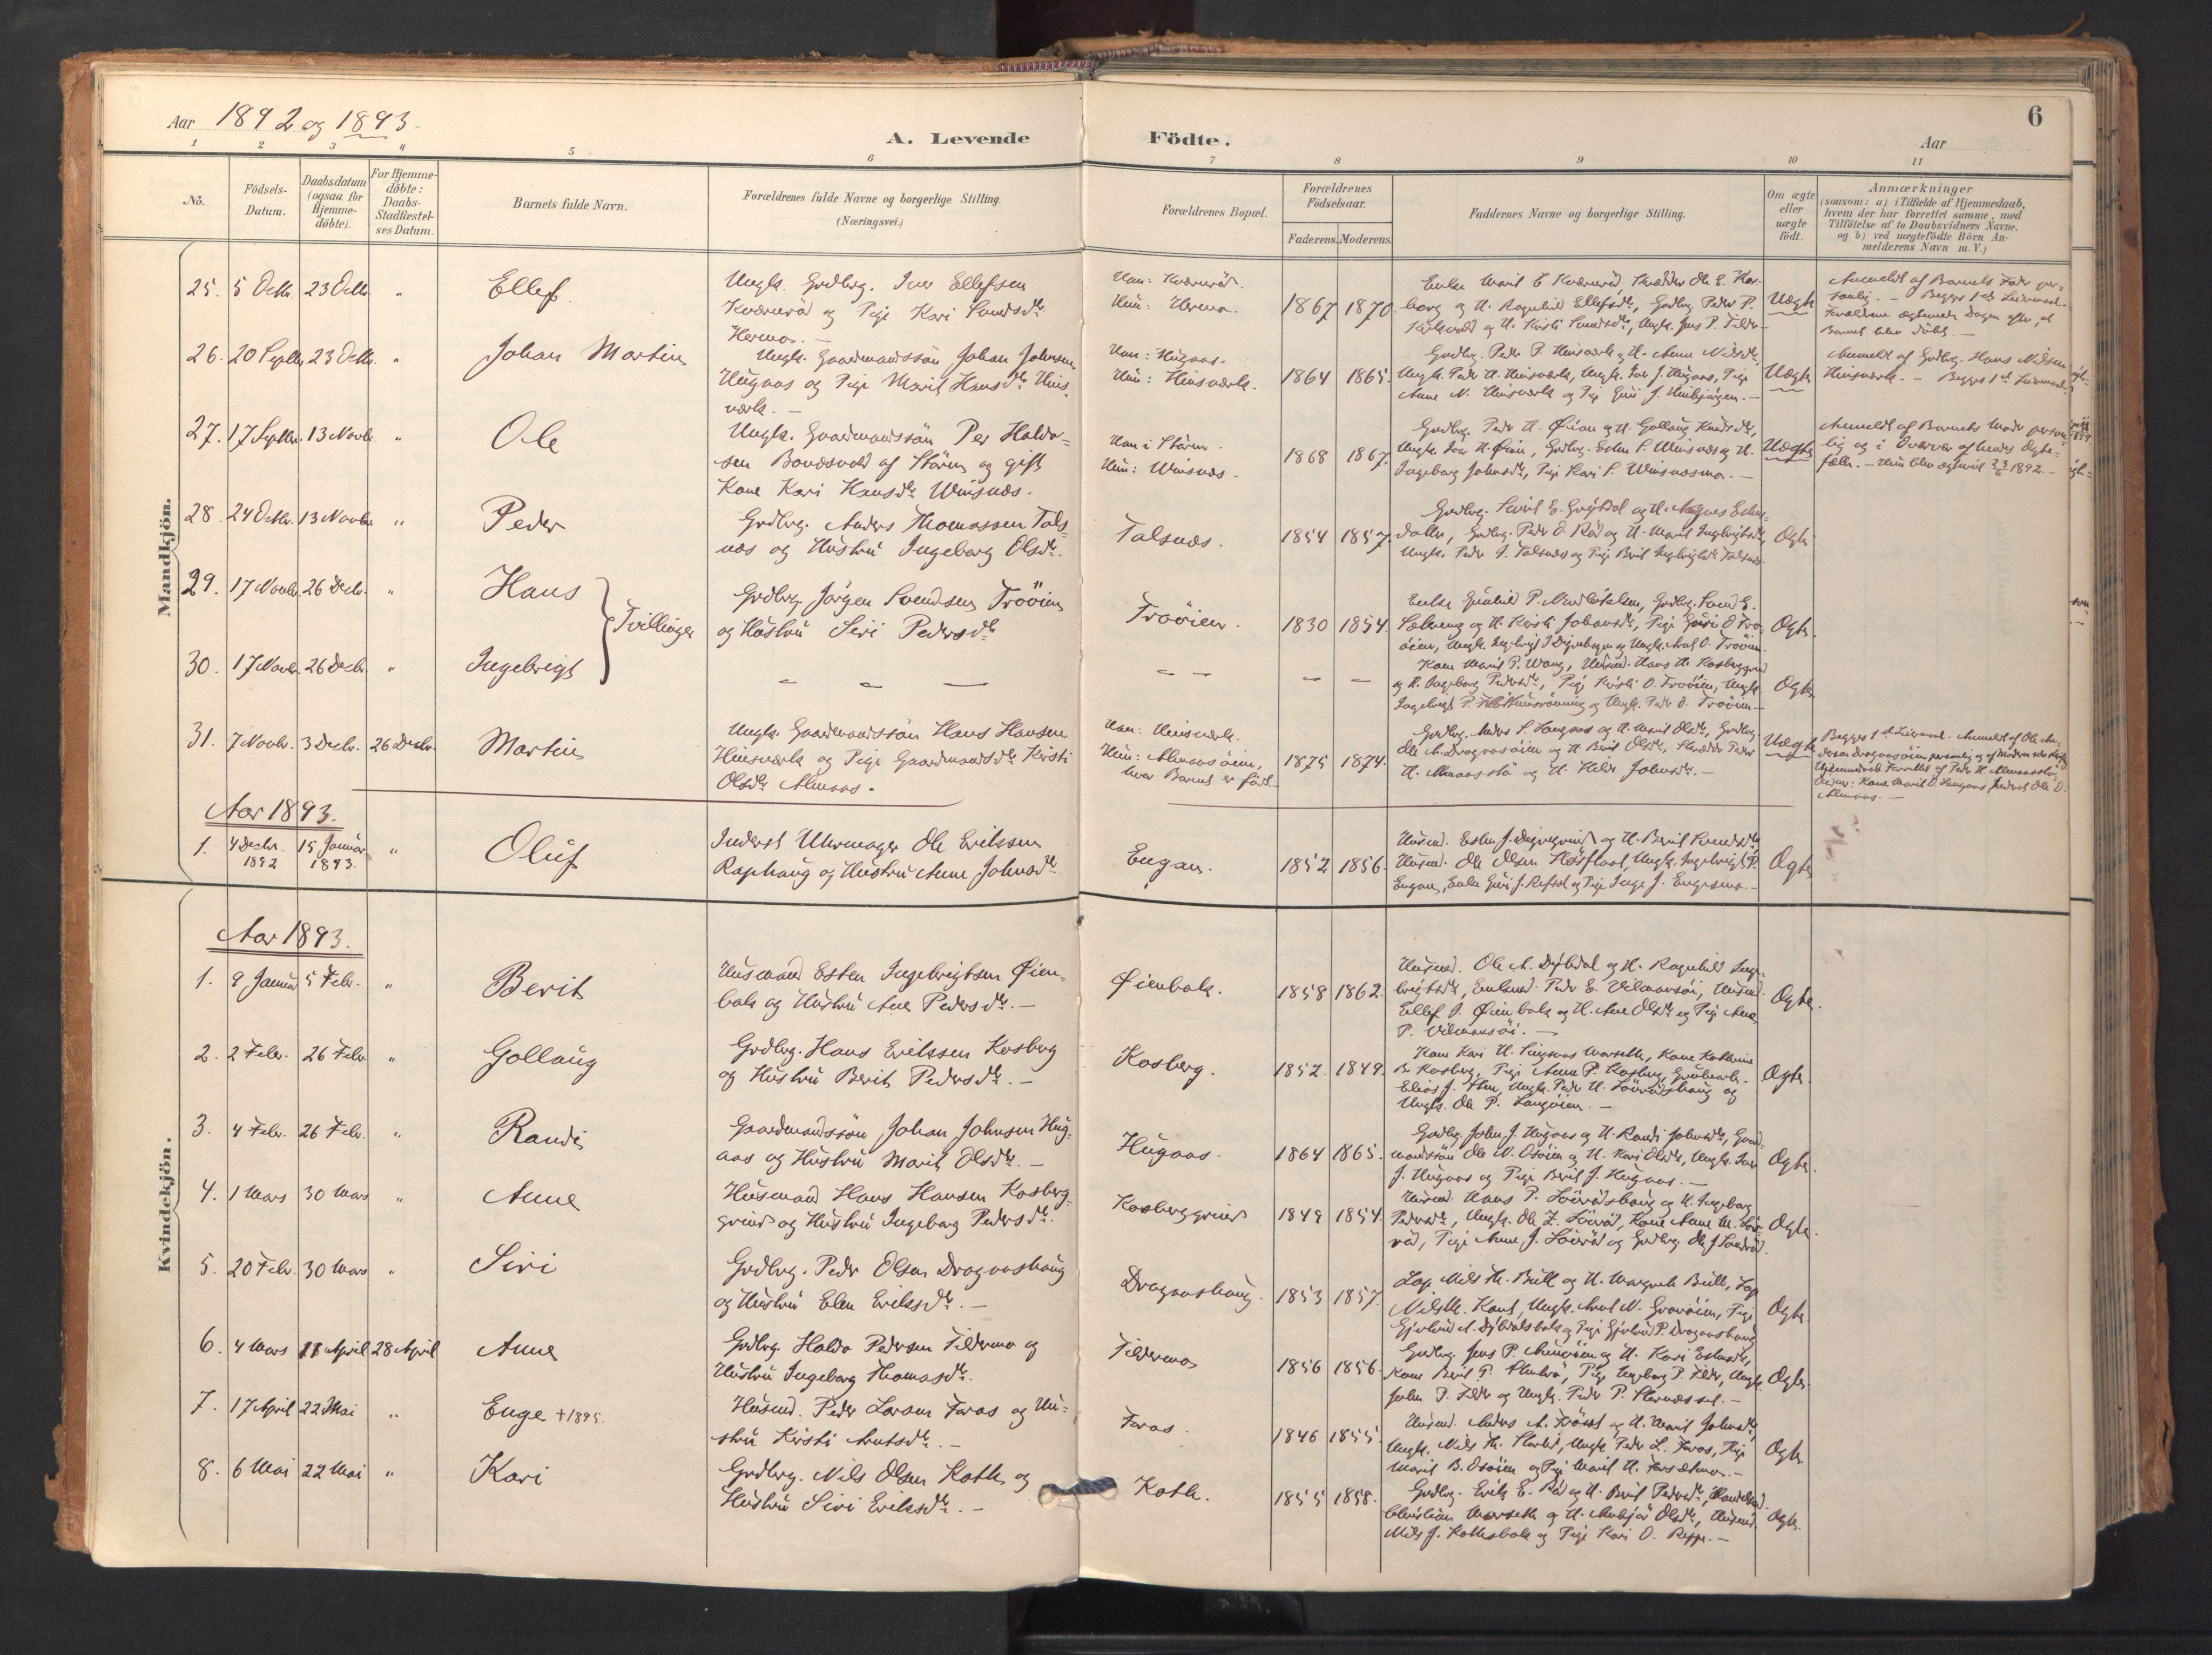 SAT, Ministerialprotokoller, klokkerbøker og fødselsregistre - Sør-Trøndelag, 688/L1025: Ministerialbok nr. 688A02, 1891-1909, s. 6